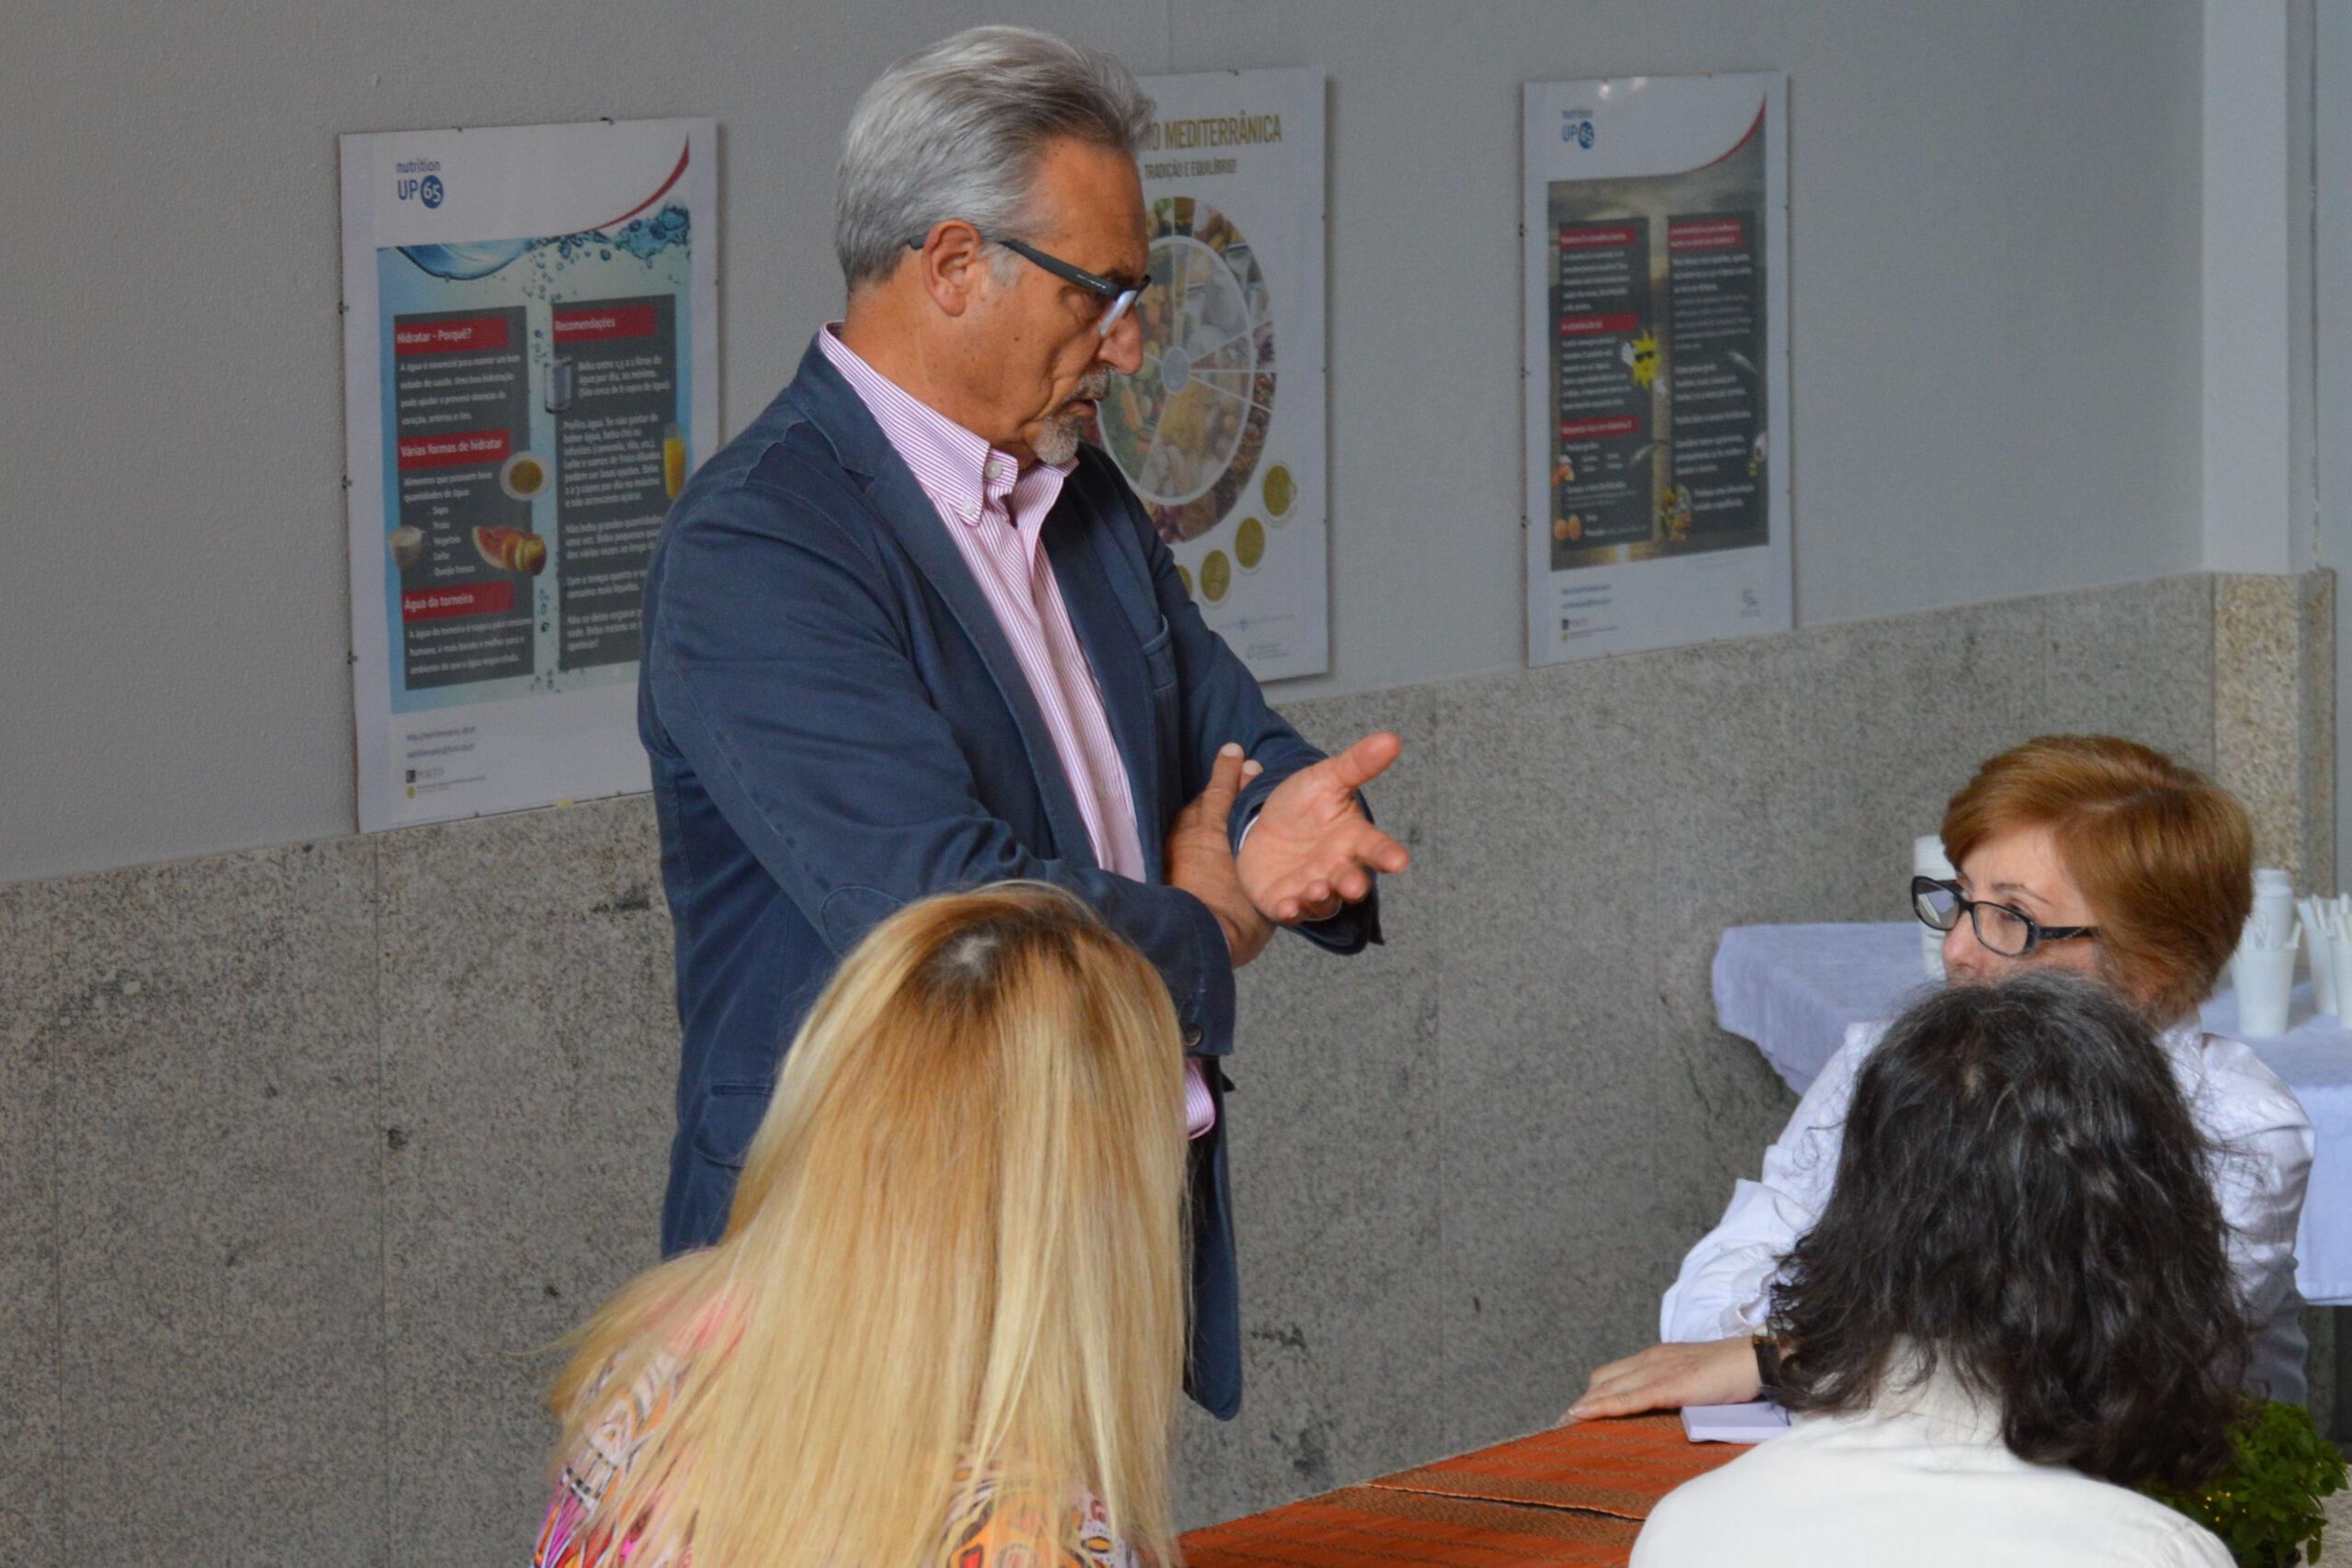 José Manuel Silva é mentor no Coimbra Innovation Days